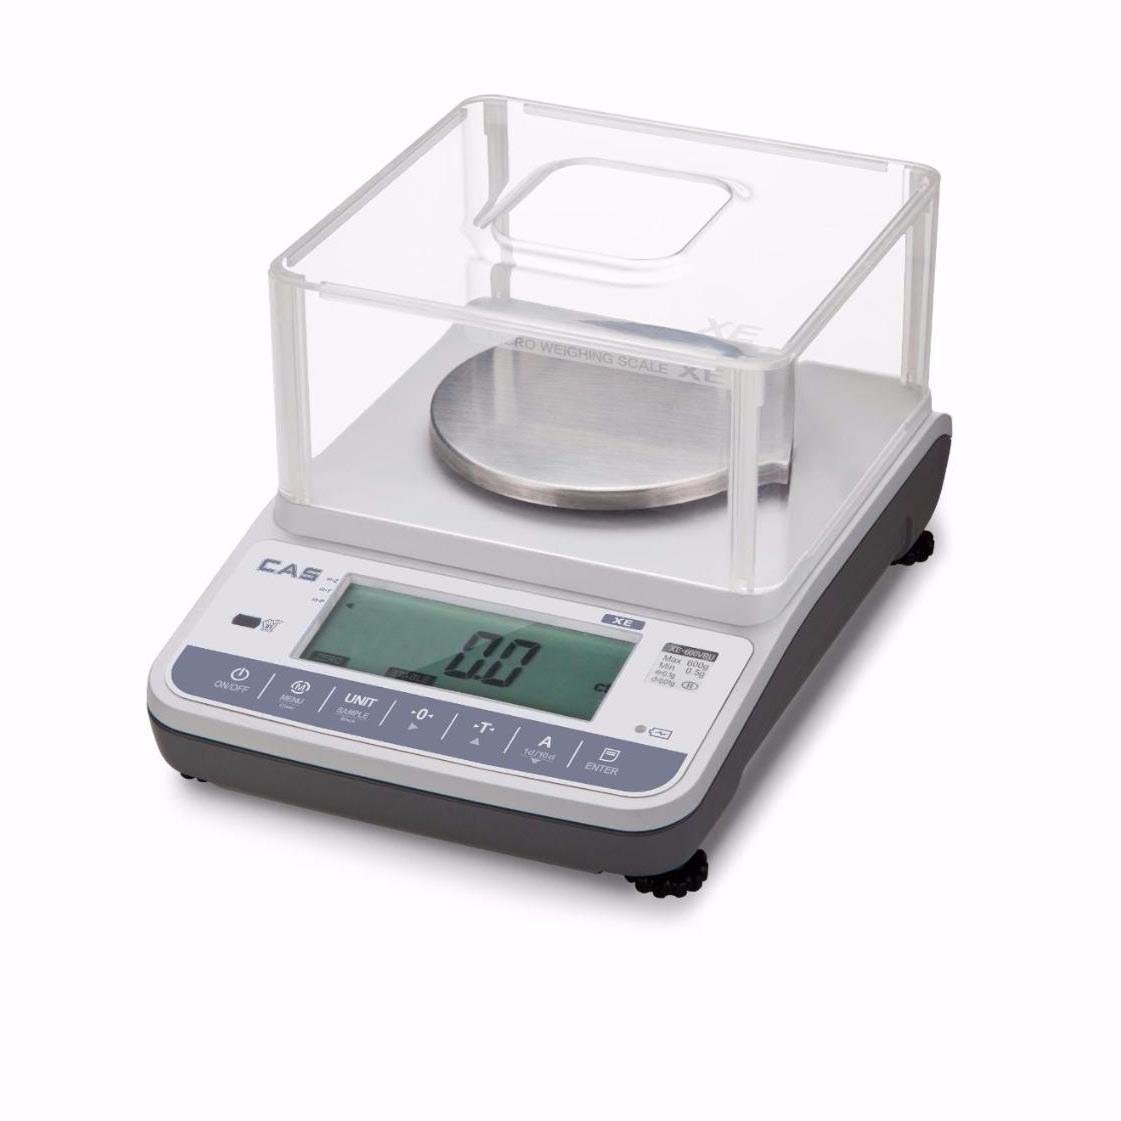 تصویر ترازوی آزمایشگاهی CAS مدل XE-H-B CAS laboratory Scale XE-H-B Model